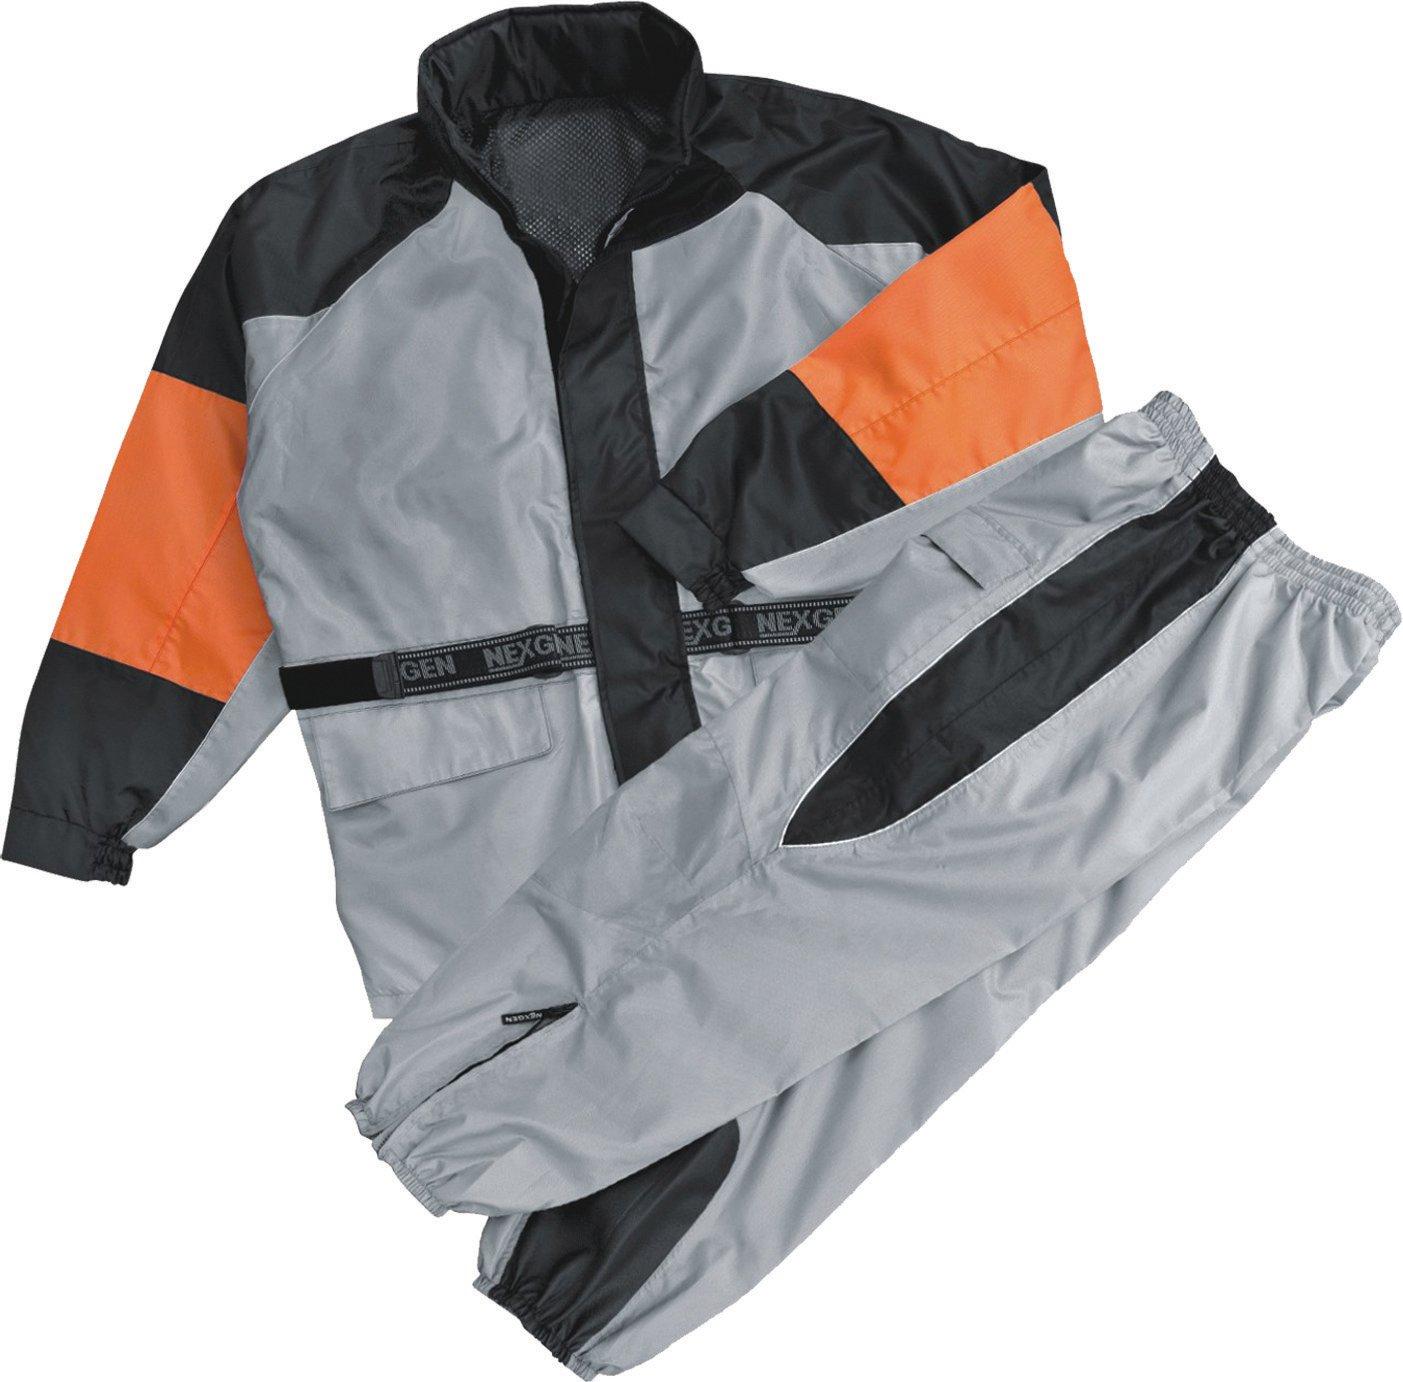 Nexgen Women's Rain Suit (Black/Silver, X-Large)